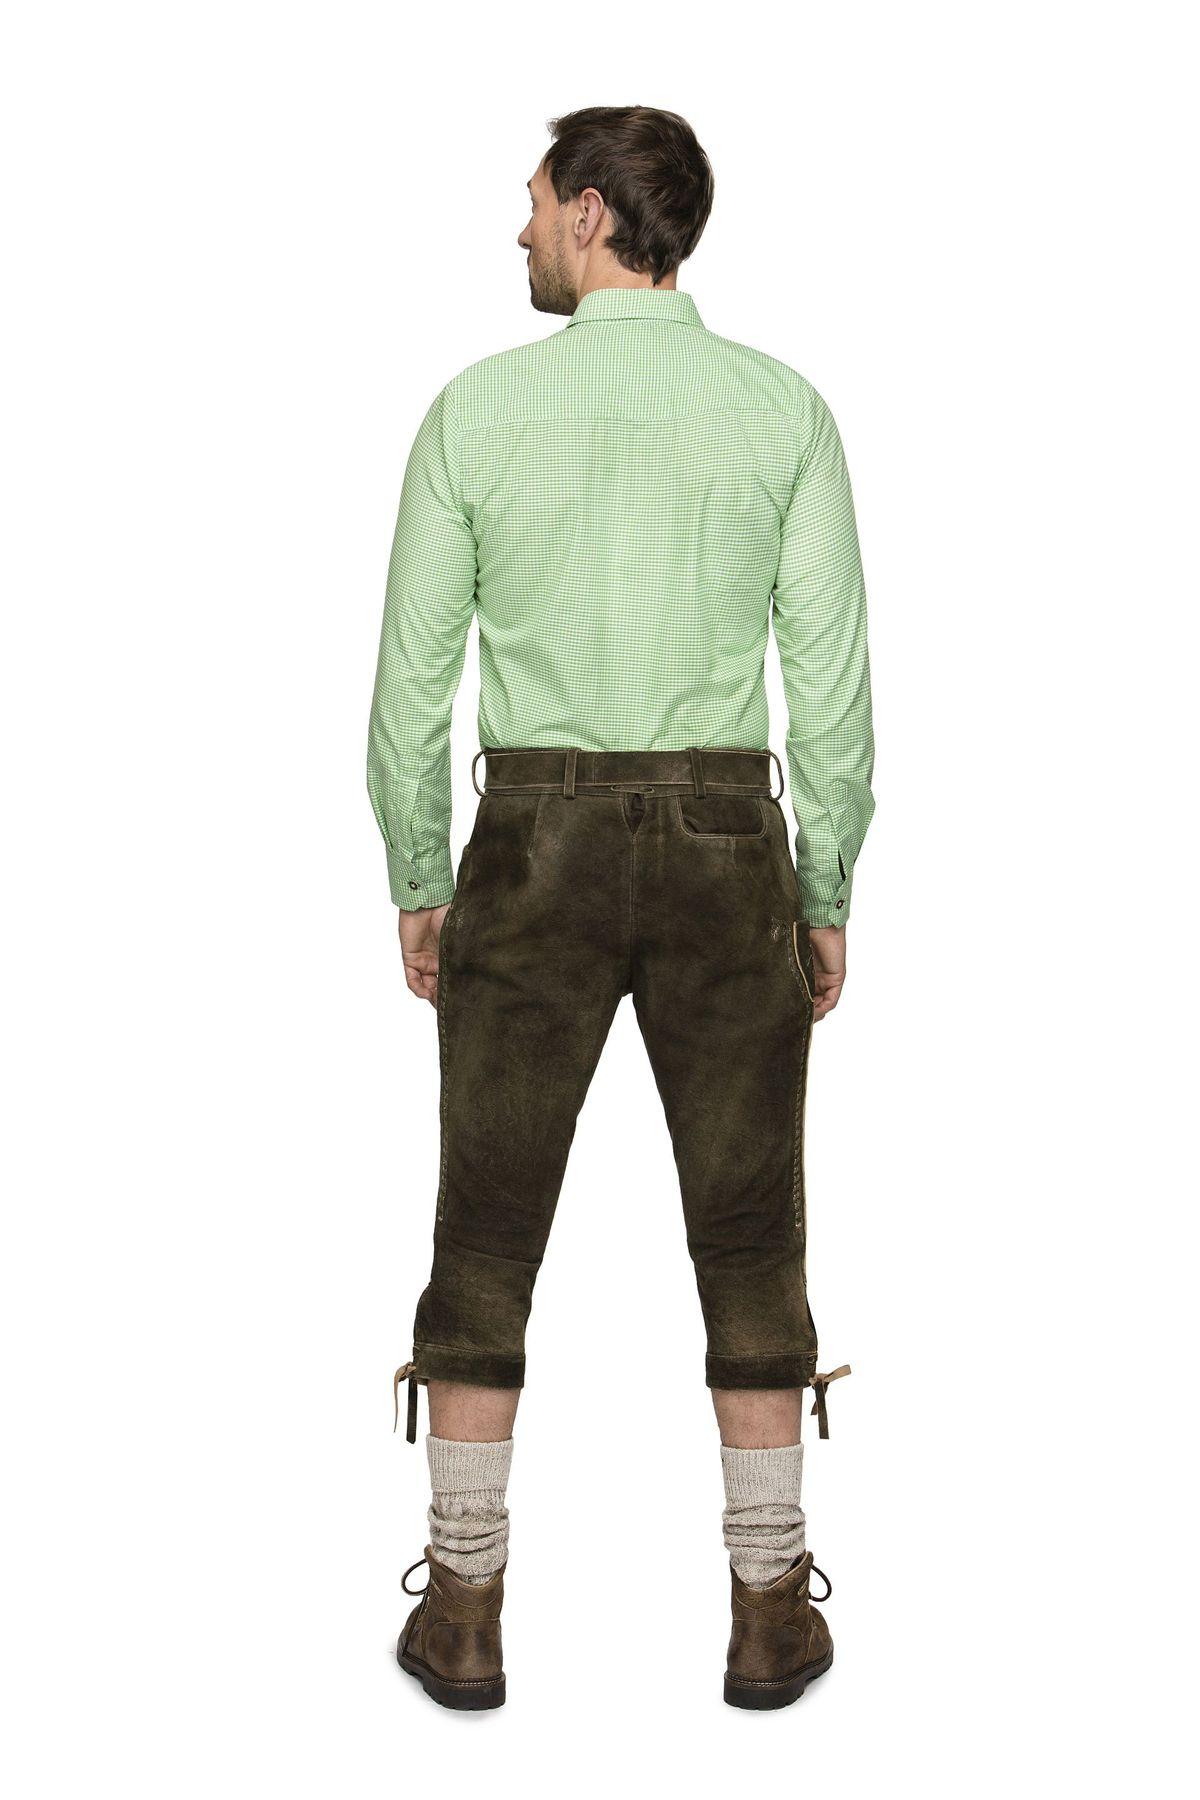 Herren Trachten Lederhose von der Marke STOCKERPOINT in verschiedenen Farben, Sigmar3 – Bild 7